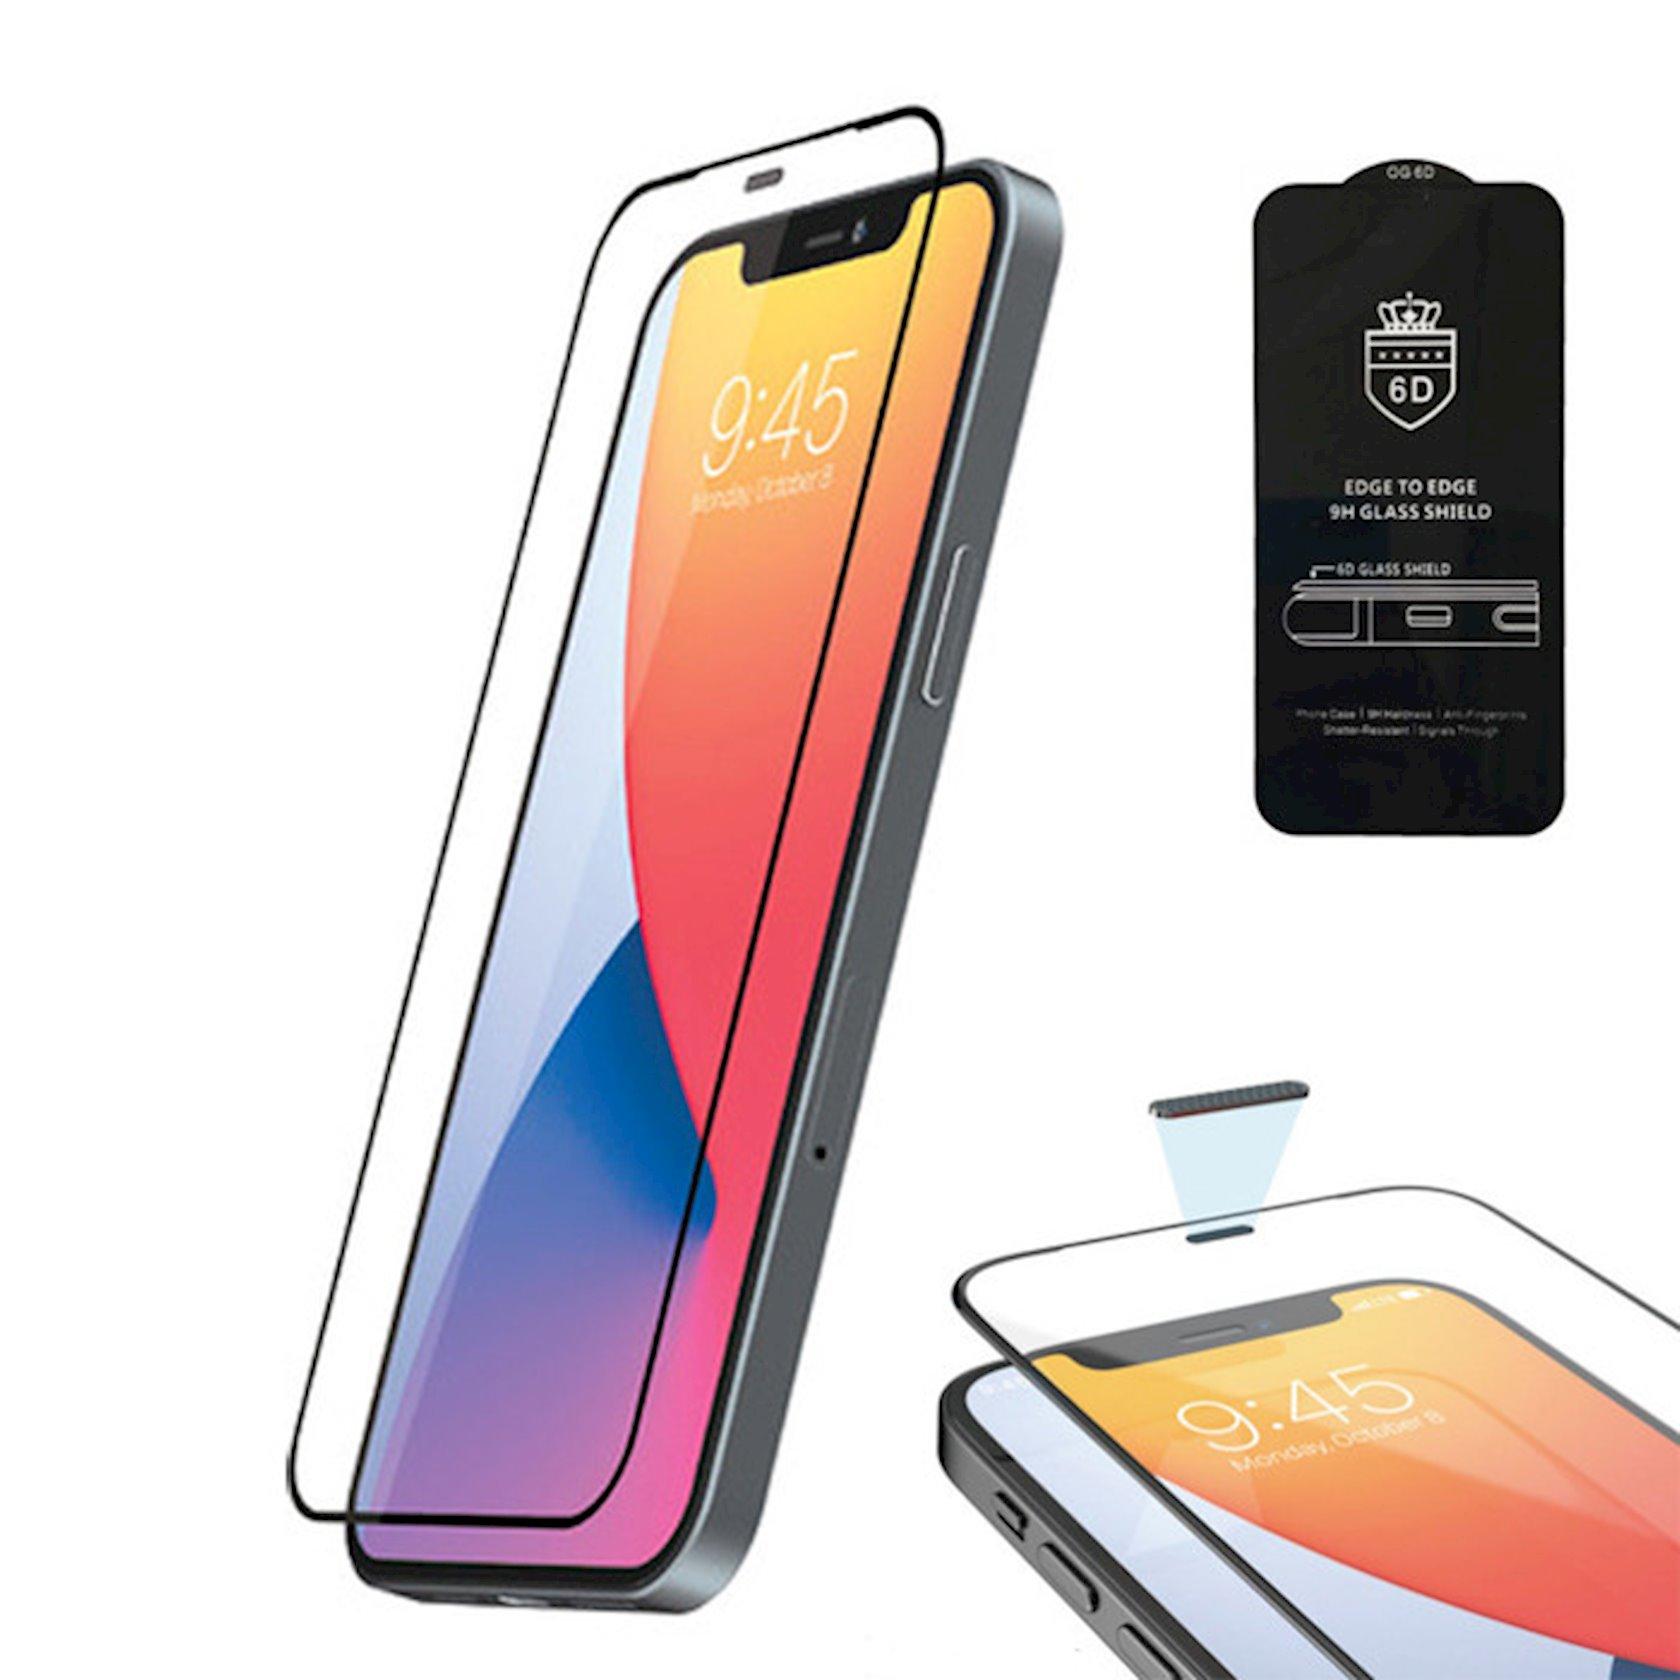 Qoruyucu şüşə OG 6D Premium Apple iPhone 11 Pro Max/Xs Max üçün Black